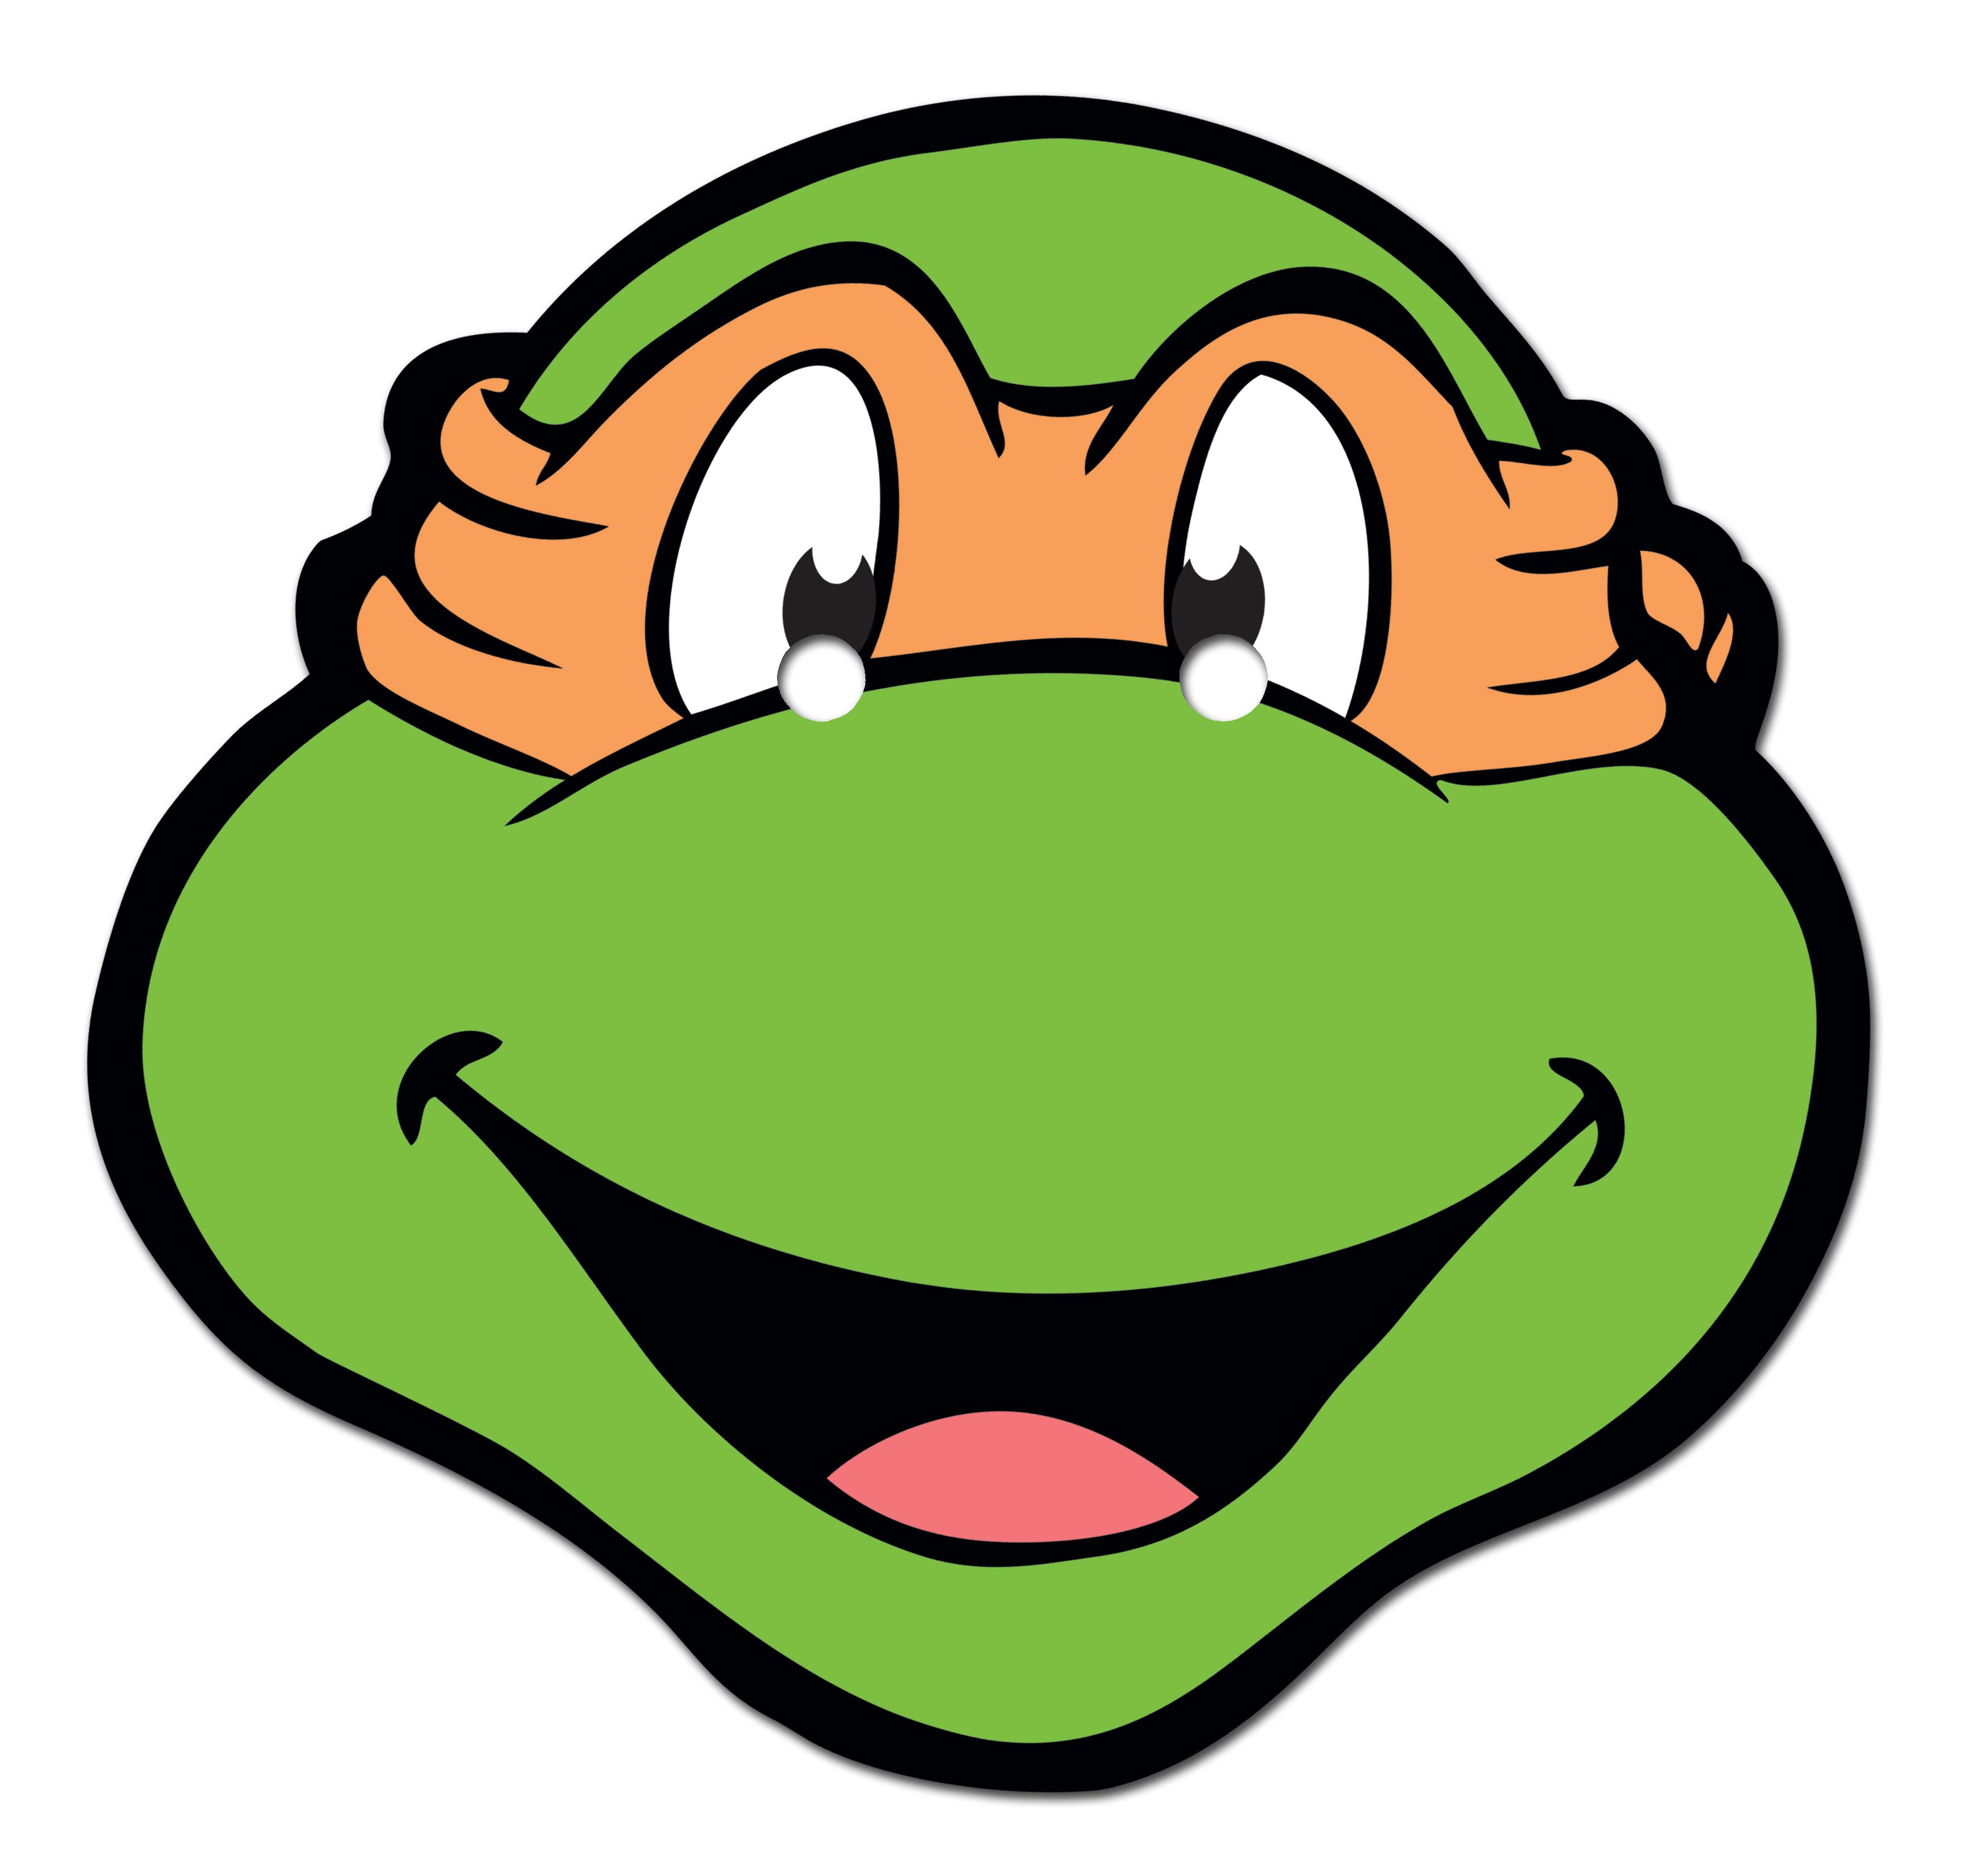 Ninja Turtle Printable Mask